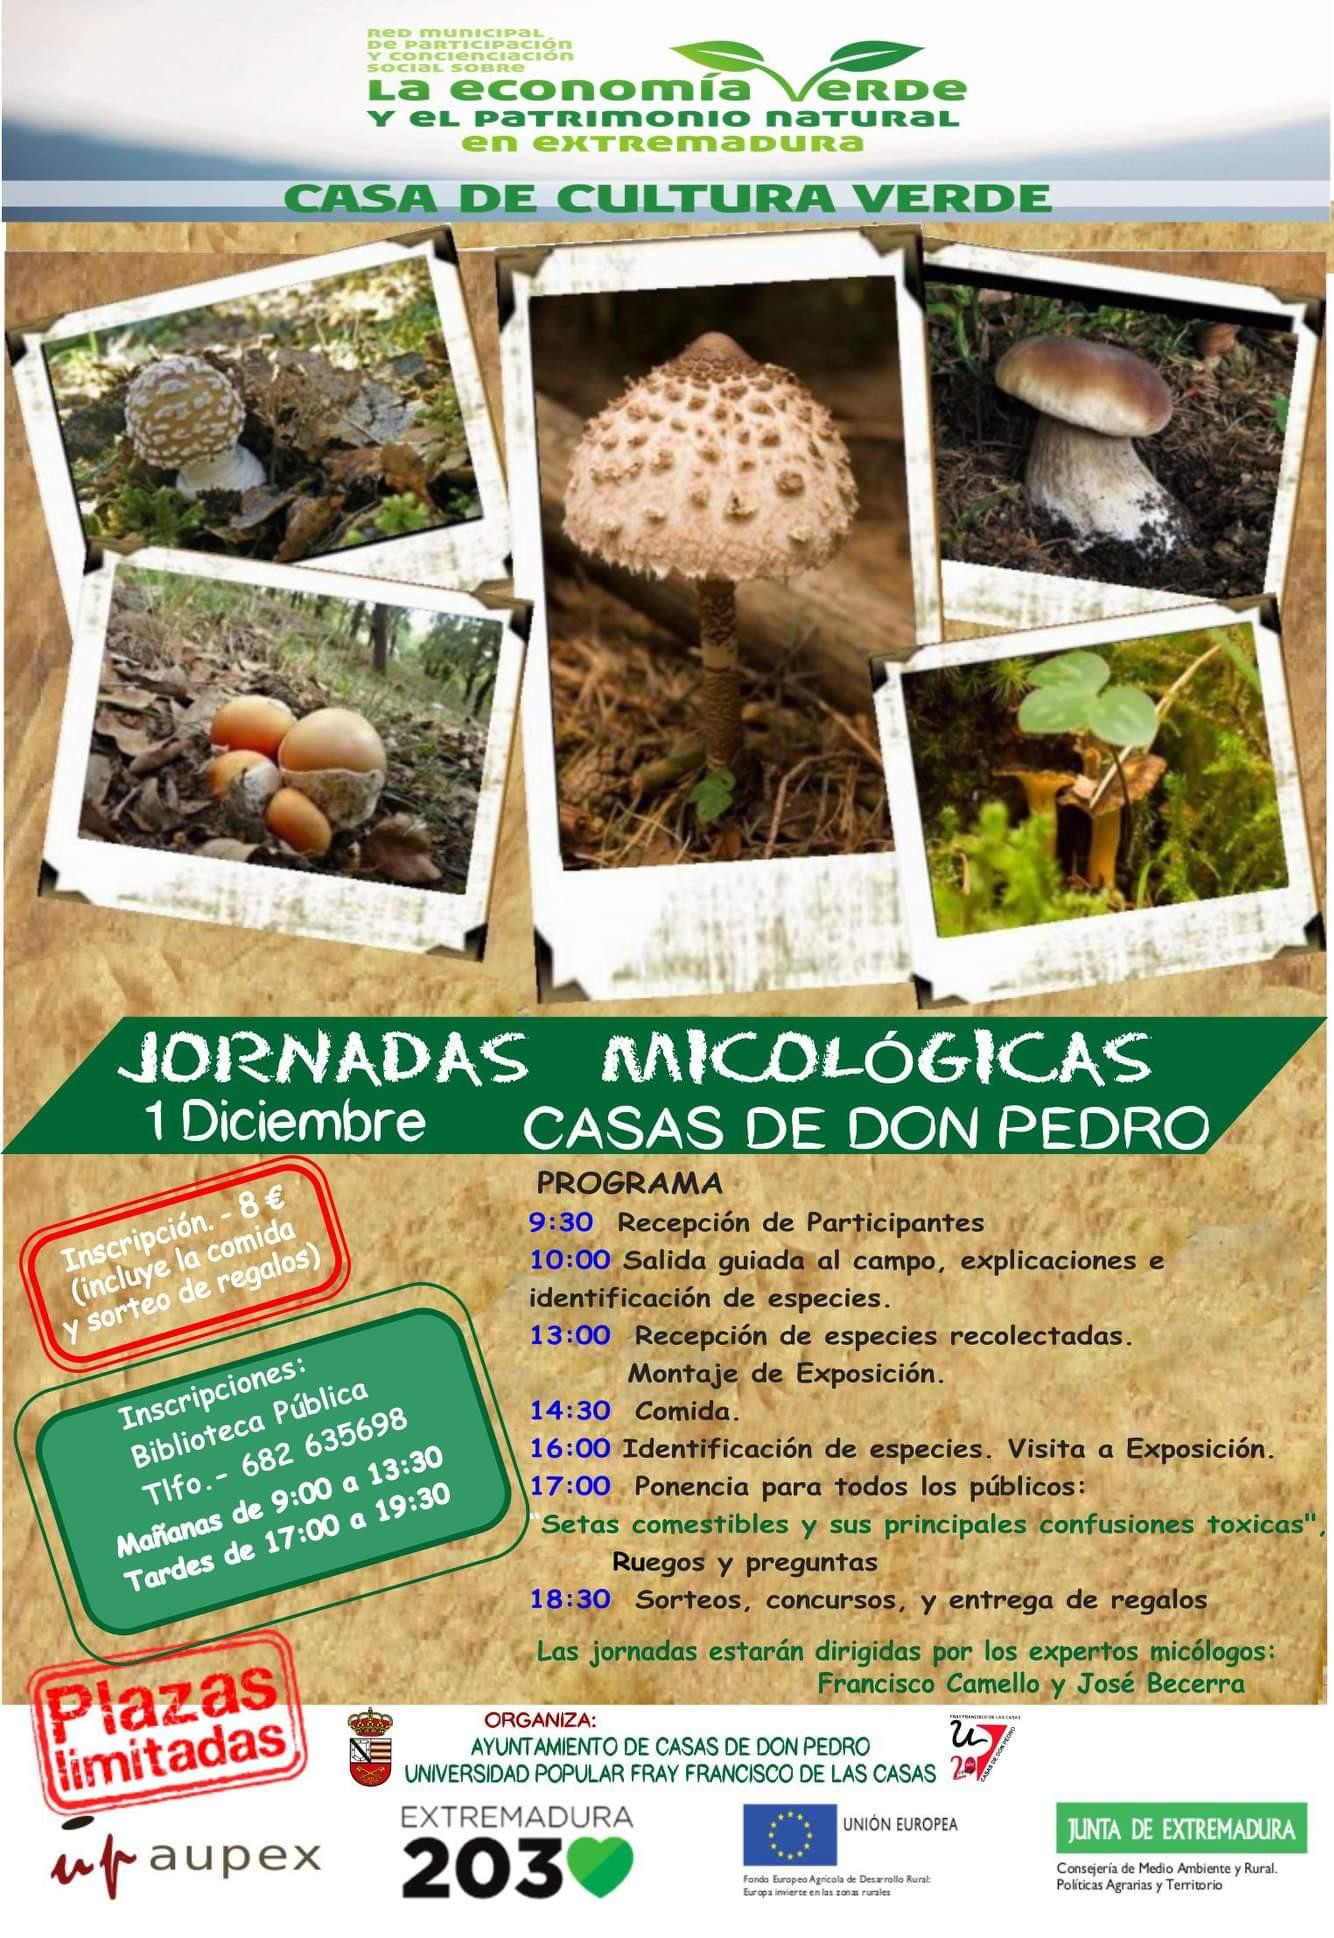 Jornadas micol gicas casas de don pedro badajoz cesta y setas - Casas de don pedro badajoz ...